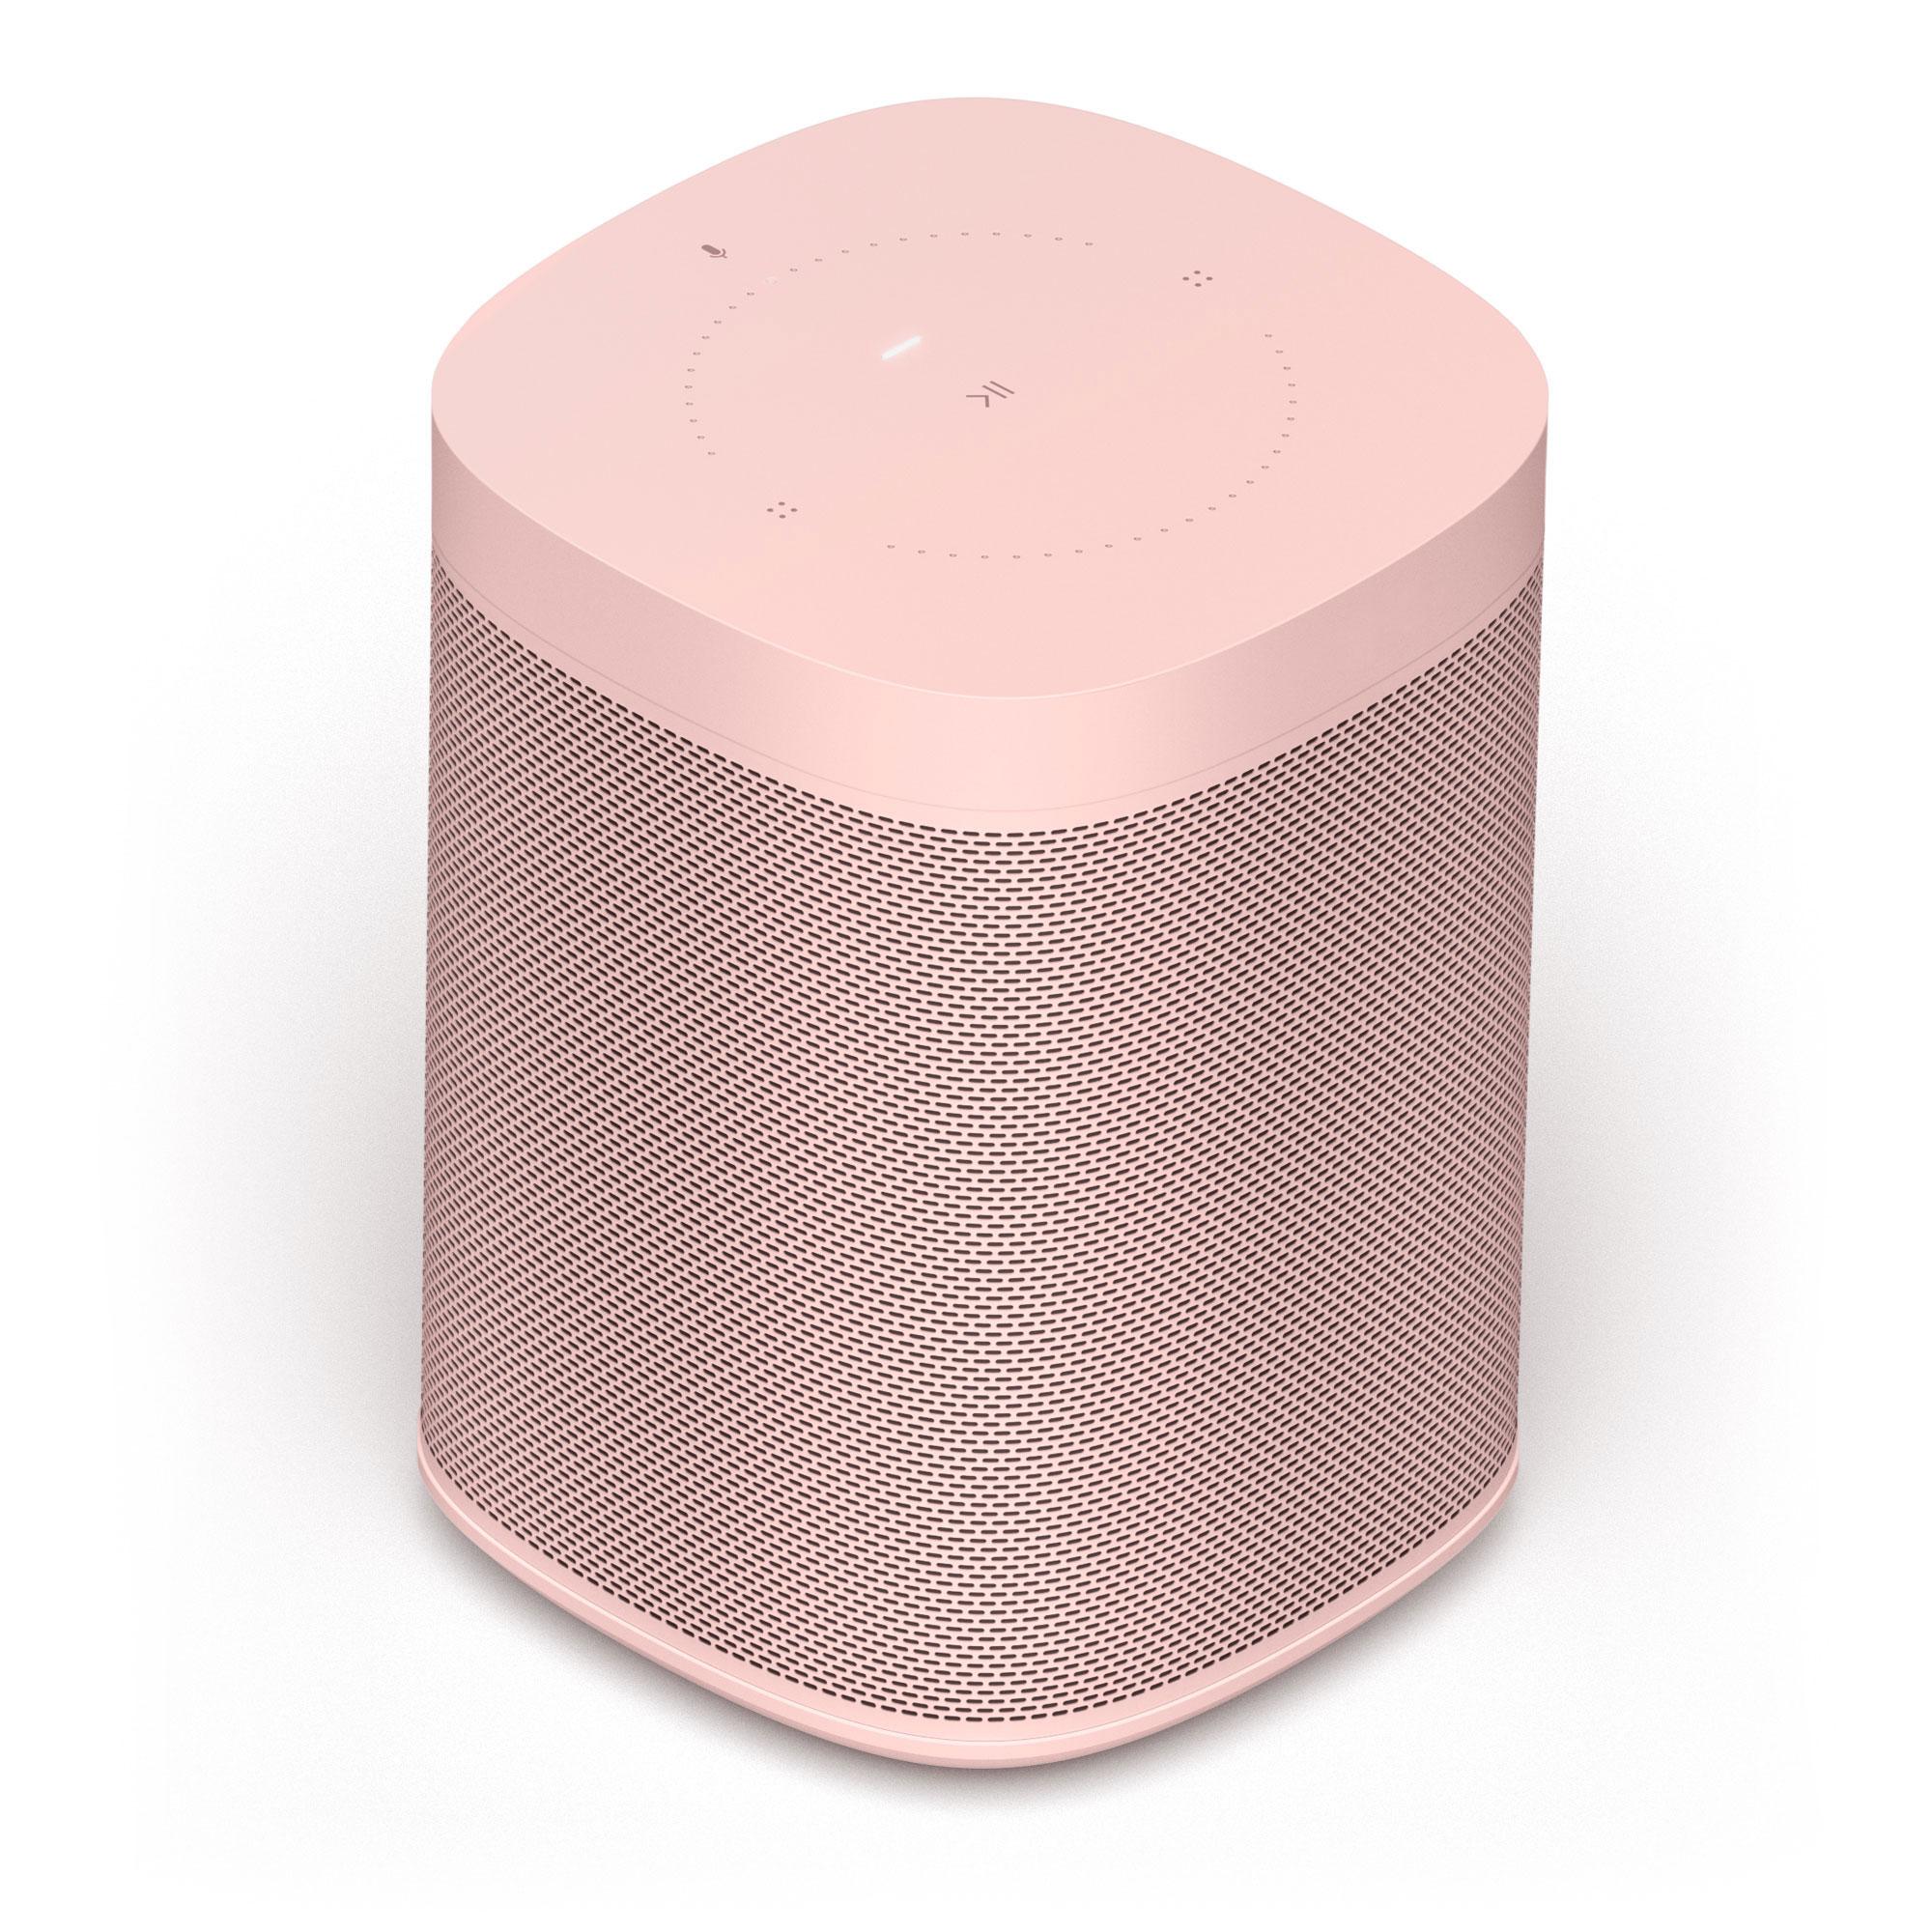 HAY Sonos Speaker - Pink - Sonoas